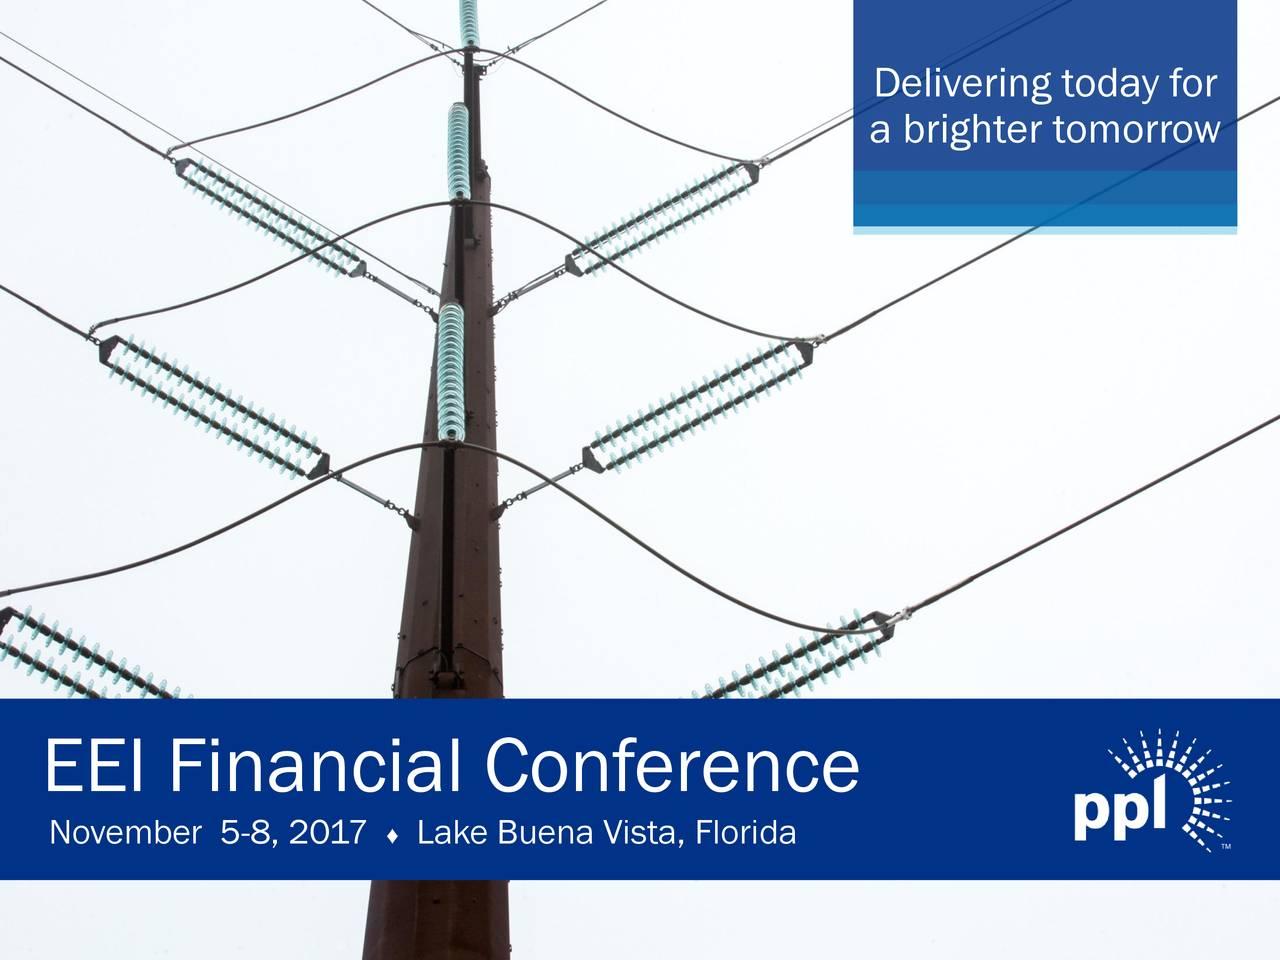 a brighter tomorrow EEI Financial Conference November 5-8, 2017 ♦Lake Buena Vista, Florida